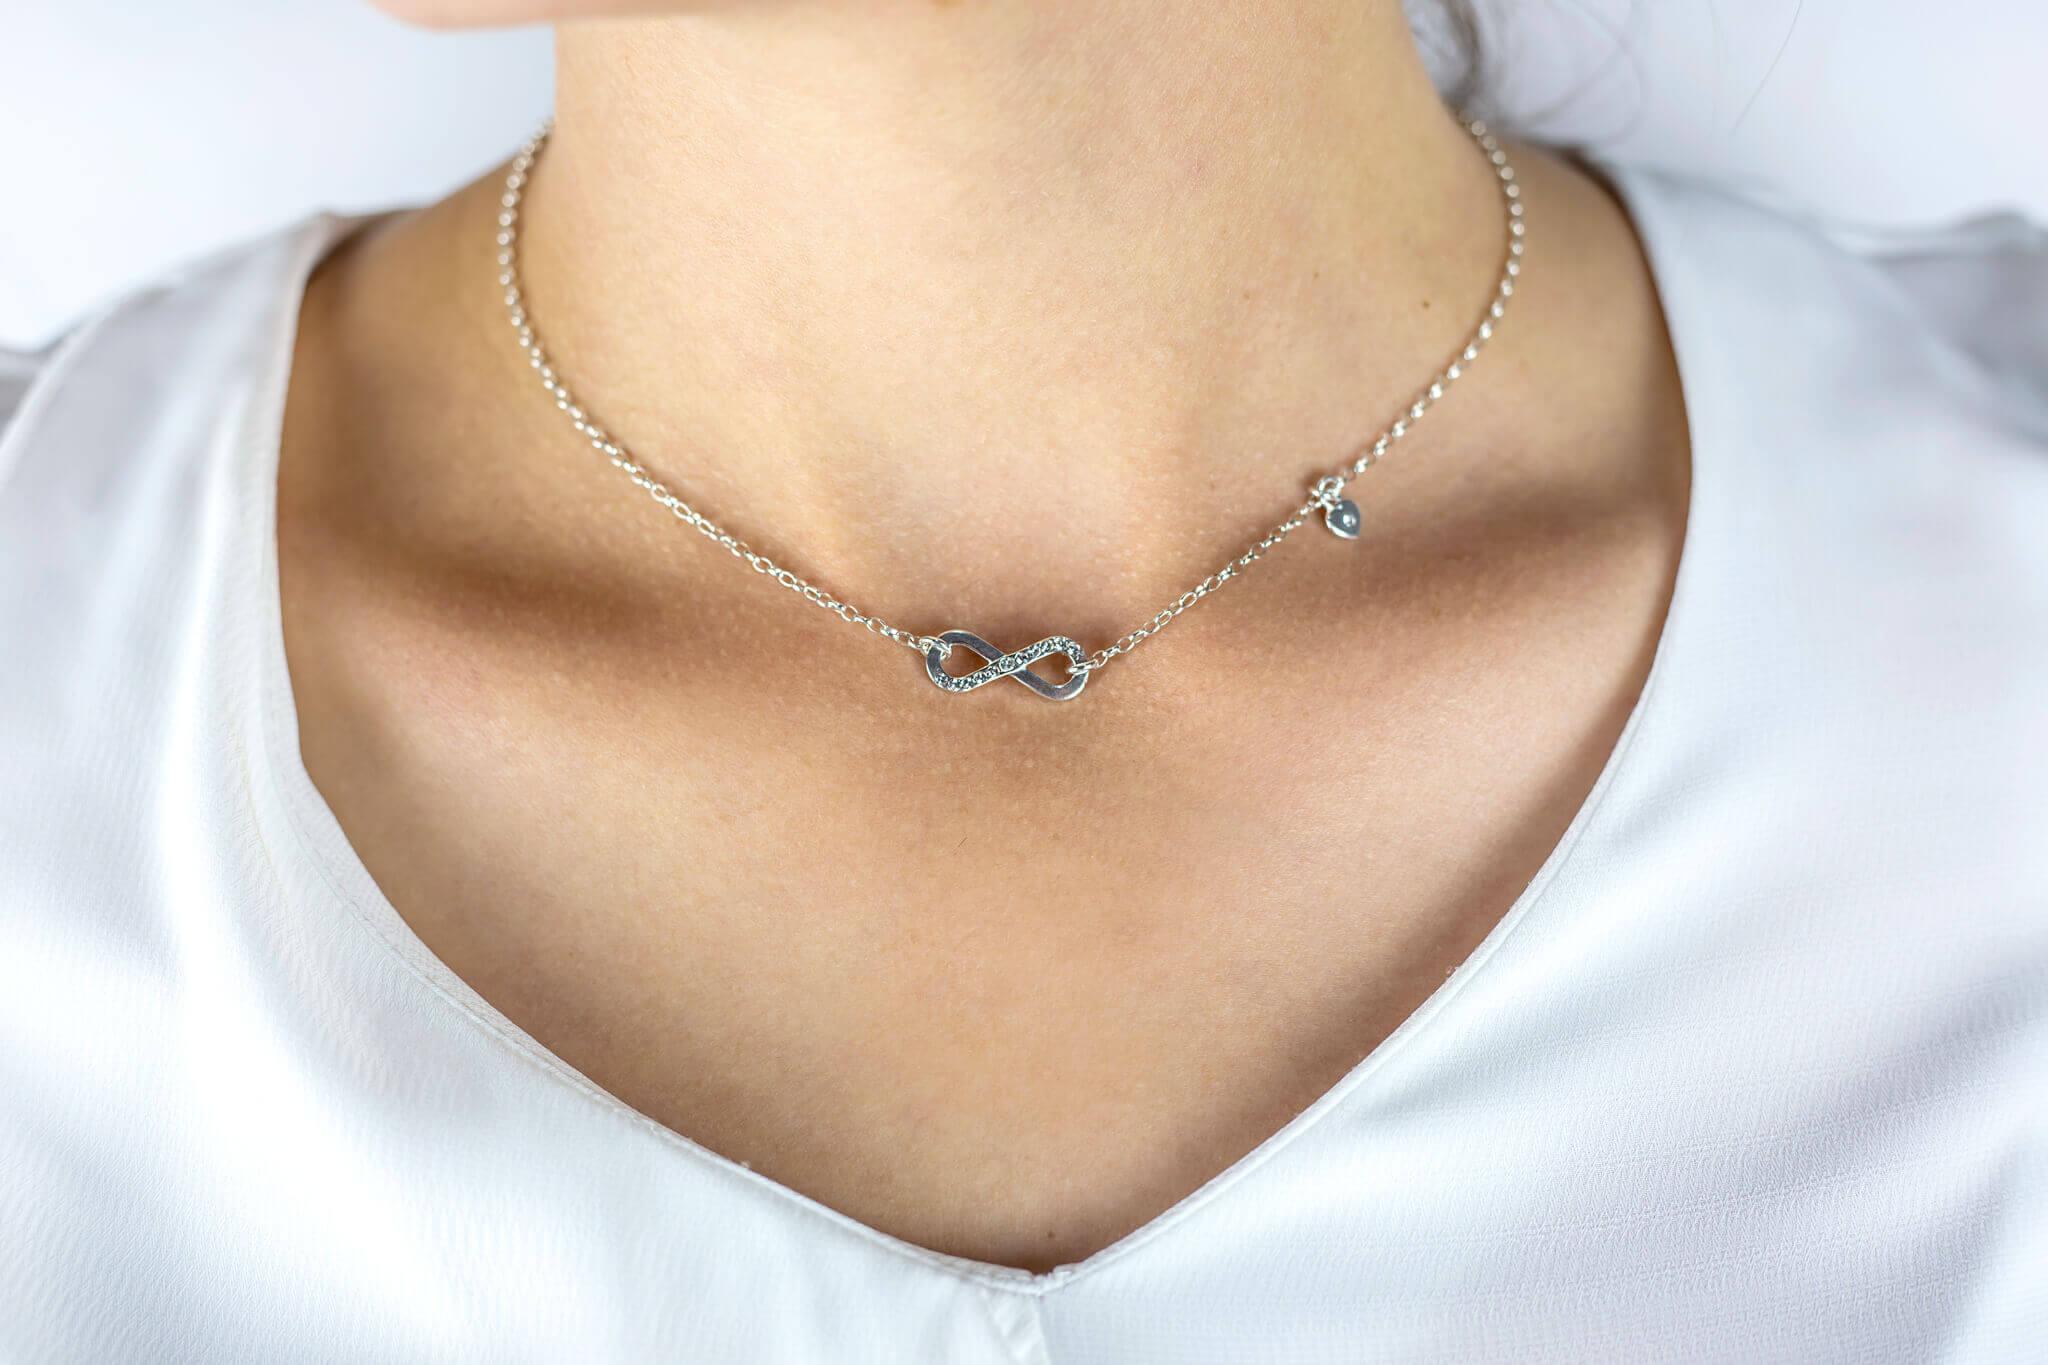 srebrny naszyjnik z nieskończonością